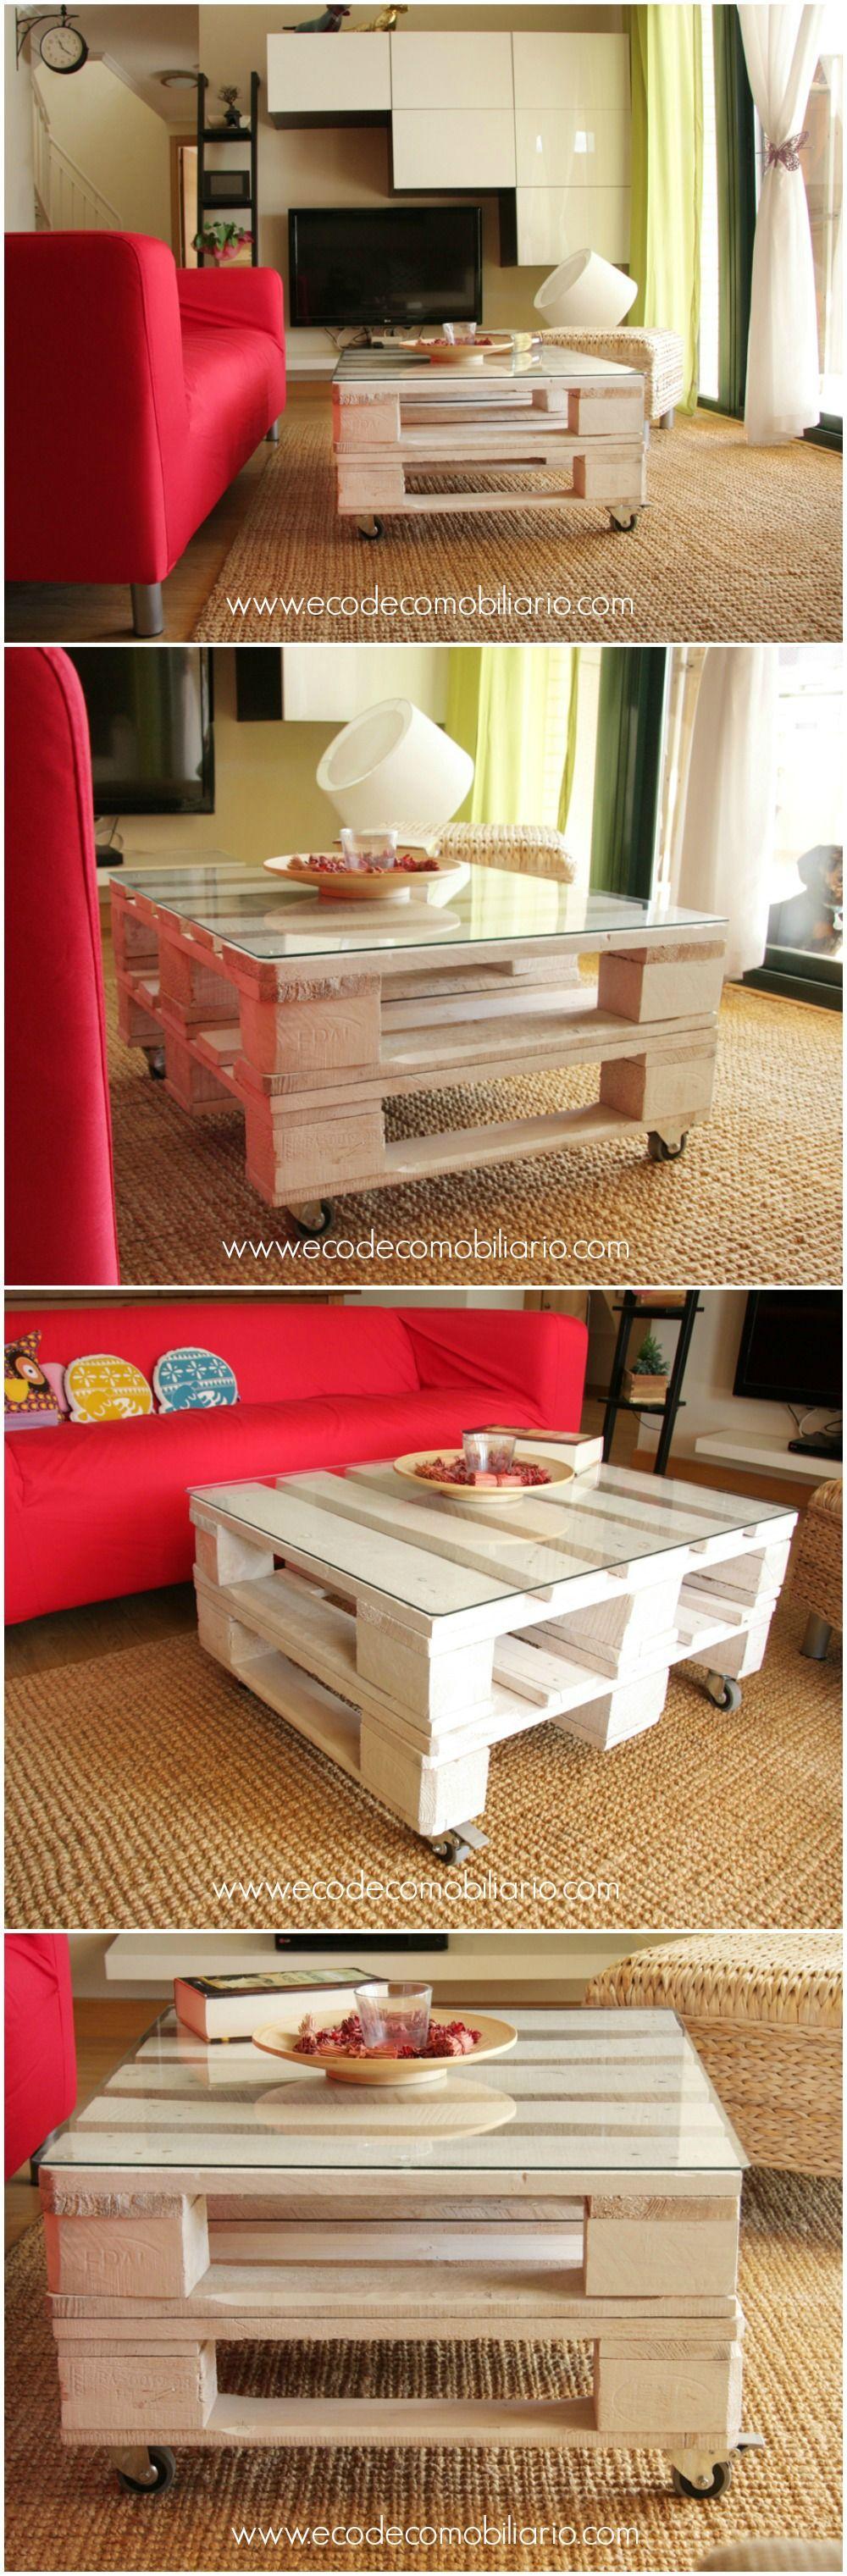 Mesa De Palets Teide Disponible En Www Ecodecomobiliario Com  # Muebles Con Tarimas Y Cajones